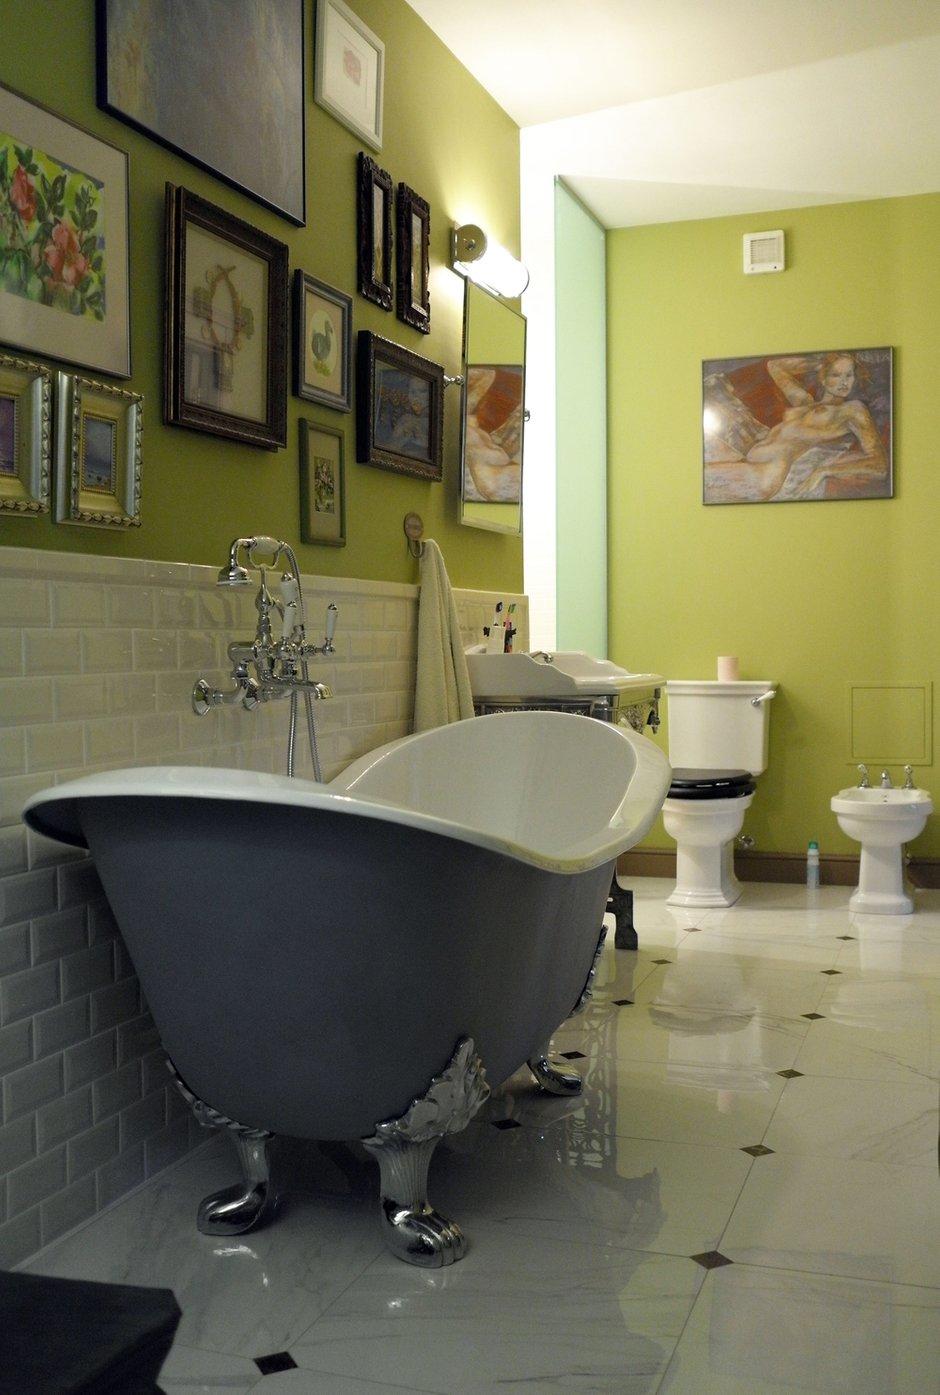 Фотография: Ванная в стиле , Квартира, Eichholtz, Spiridon, Дома и квартиры, Проект недели – фото на INMYROOM